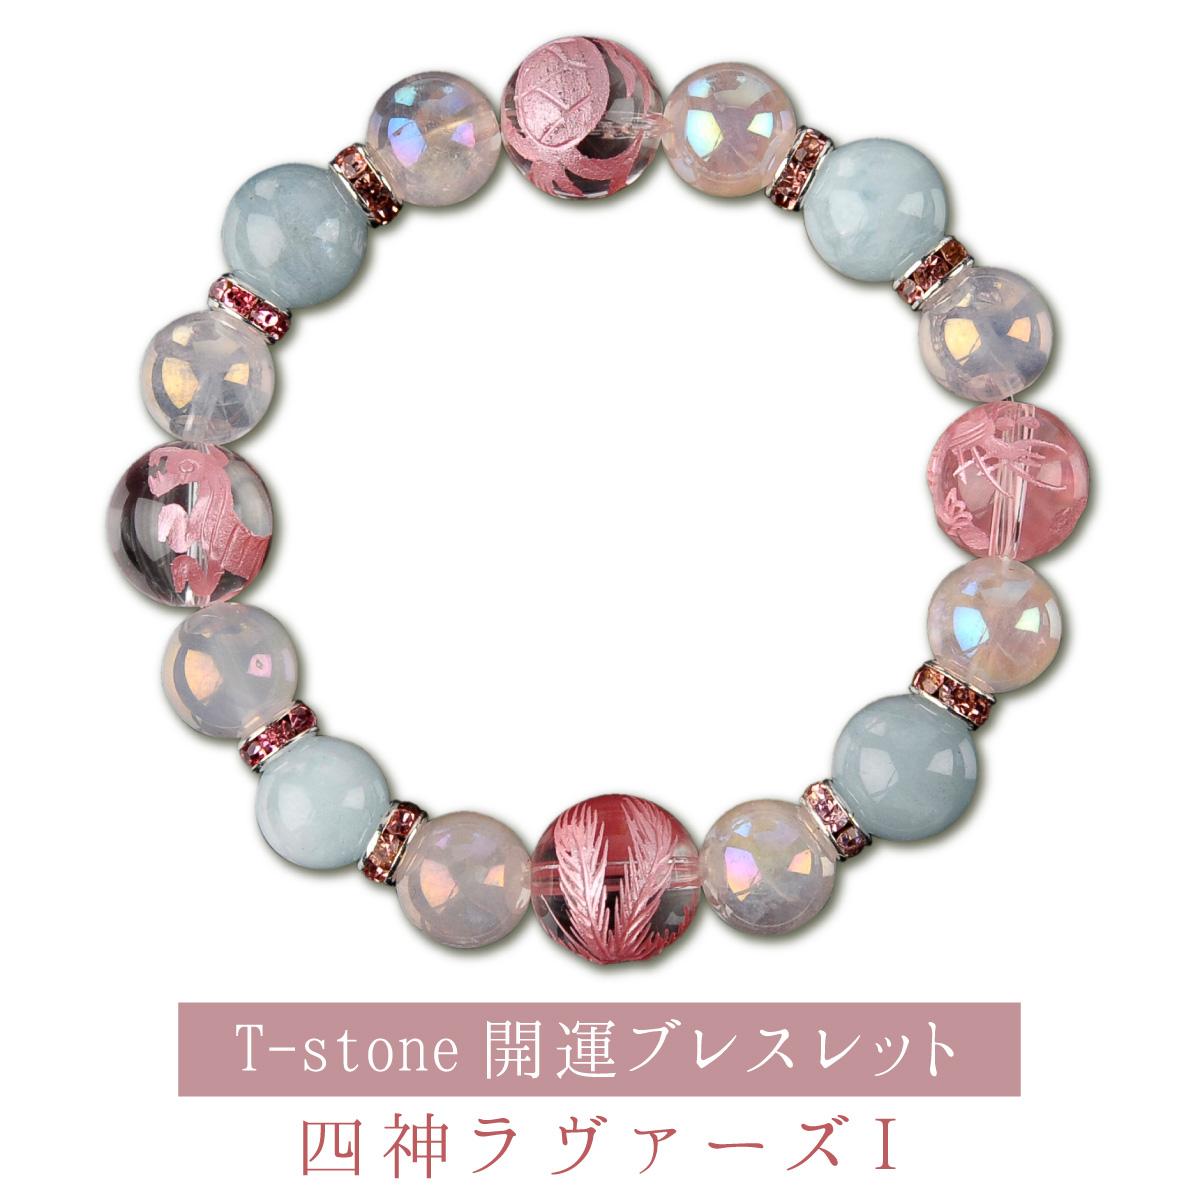 【T-stone】四神ラヴァーズ・ワン【オーダーメイドの開運ブレスレット→幸せの探求】